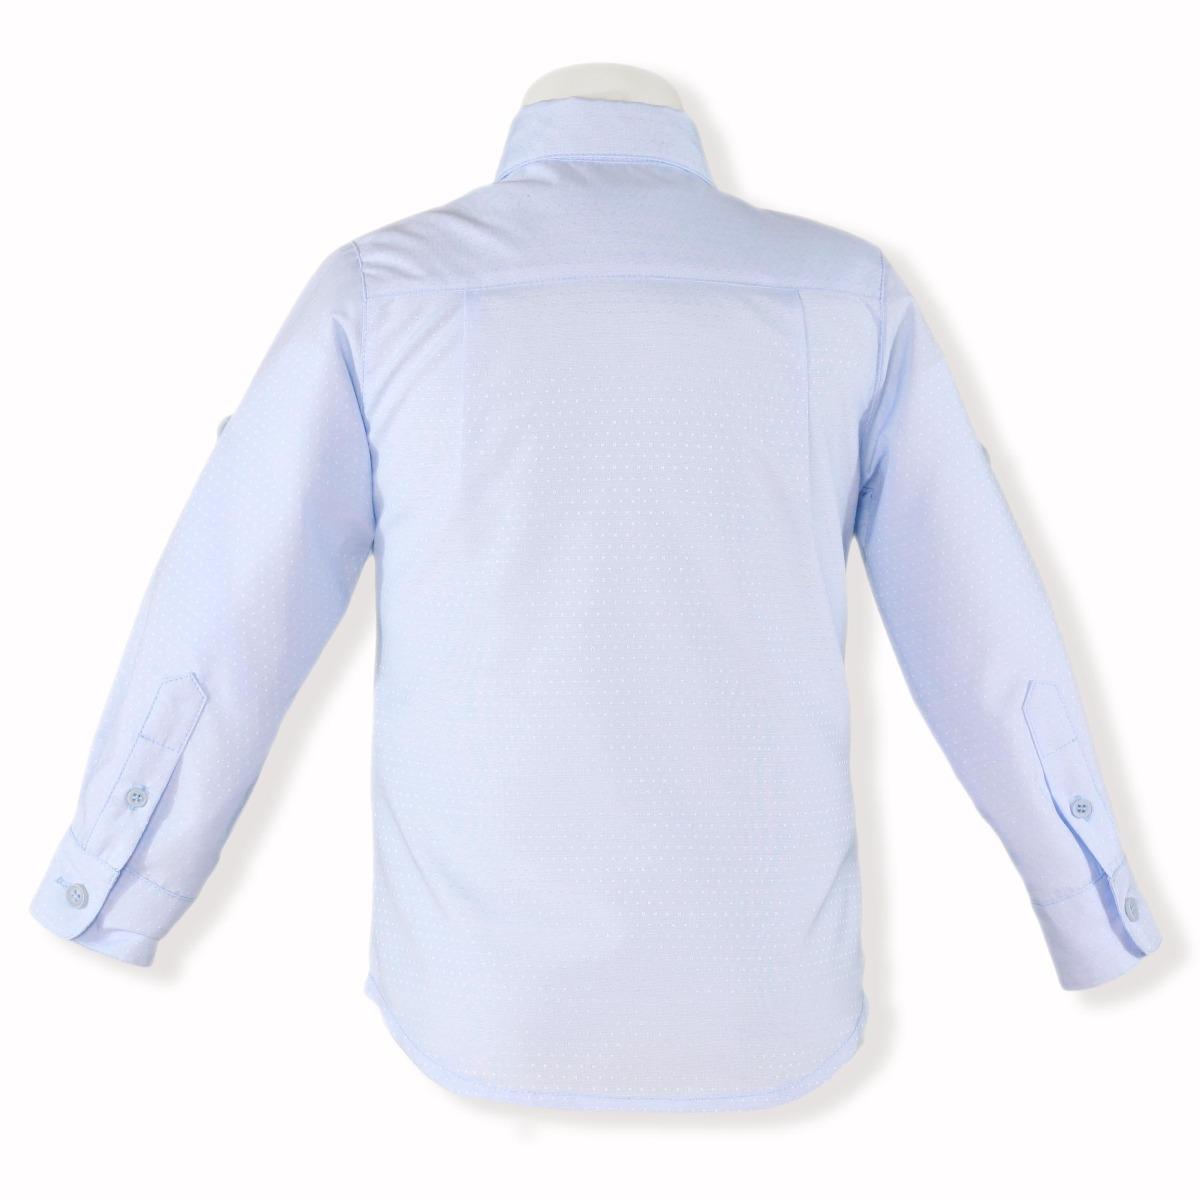 Camasa pentru baietei cu maneca lunga de culoare albastra